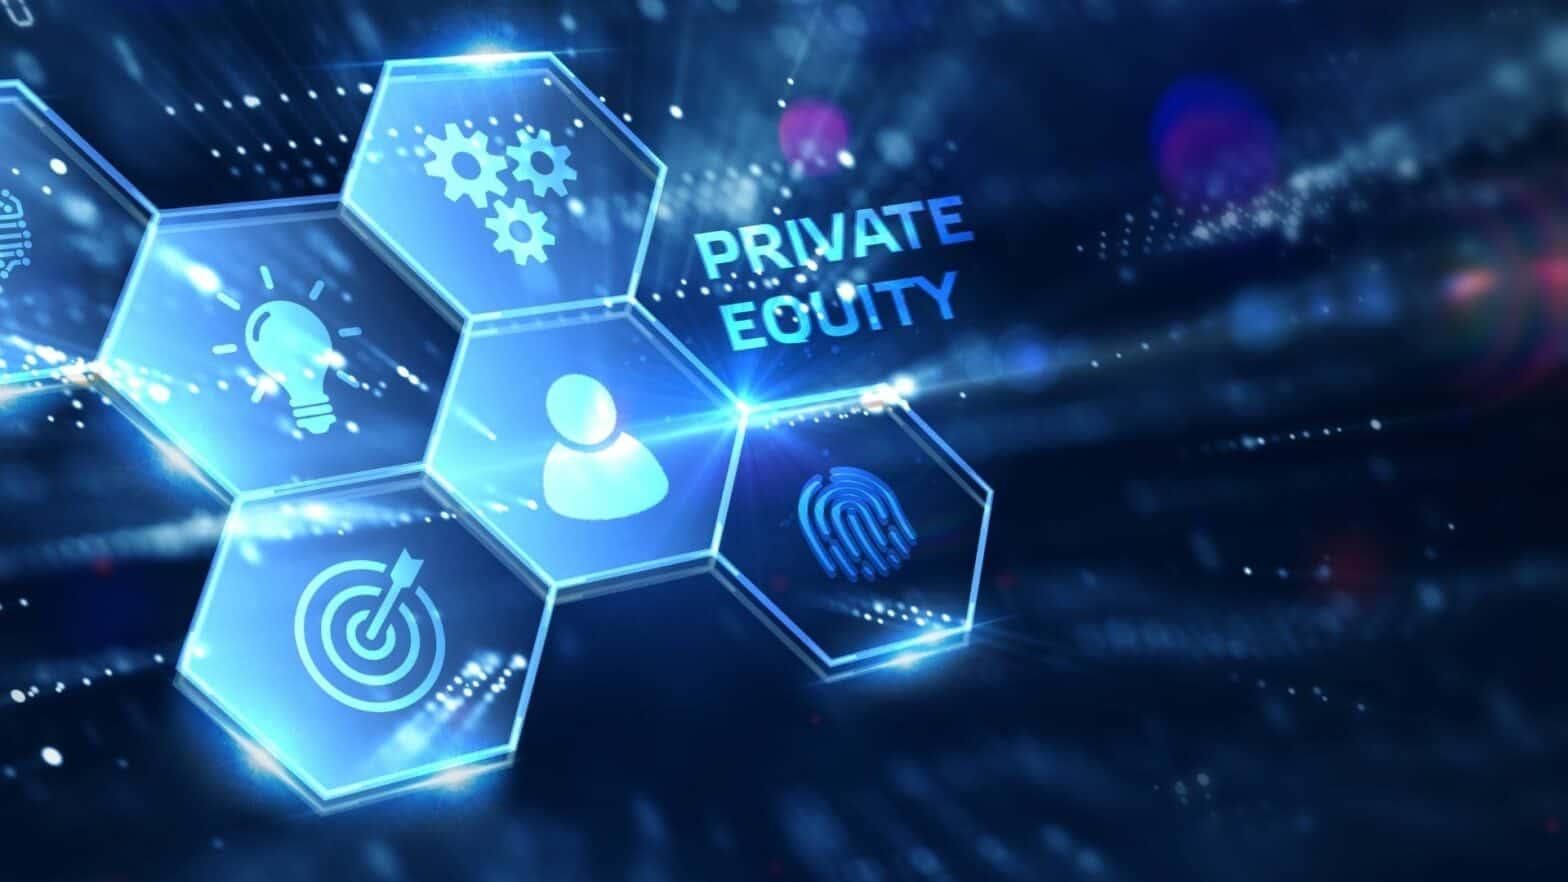 Eine Übersicht über das Privat Equity - Alles was du wissen musst, Formen des Private Equity